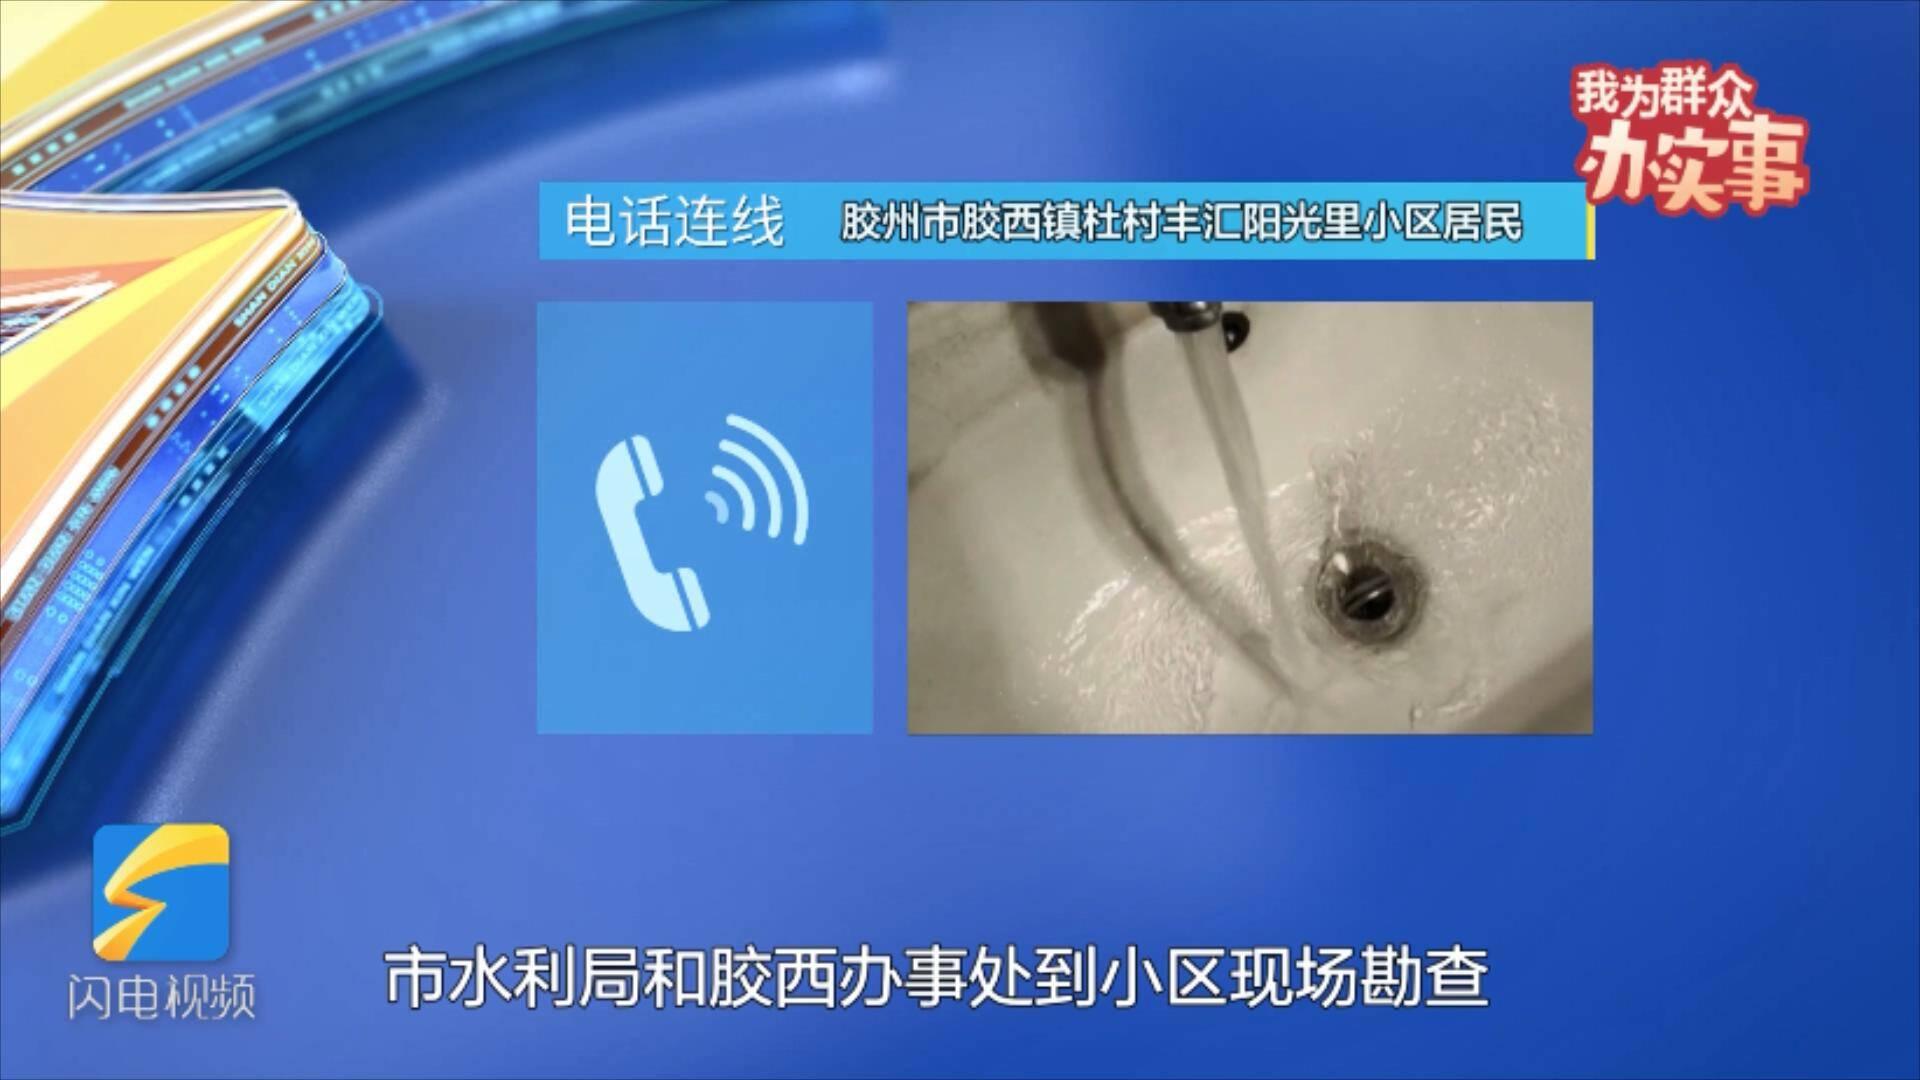 网络问政丨我为群众办实事:小区供水断断续续怎么办?胶州市:马上就办!已实现24小时供水